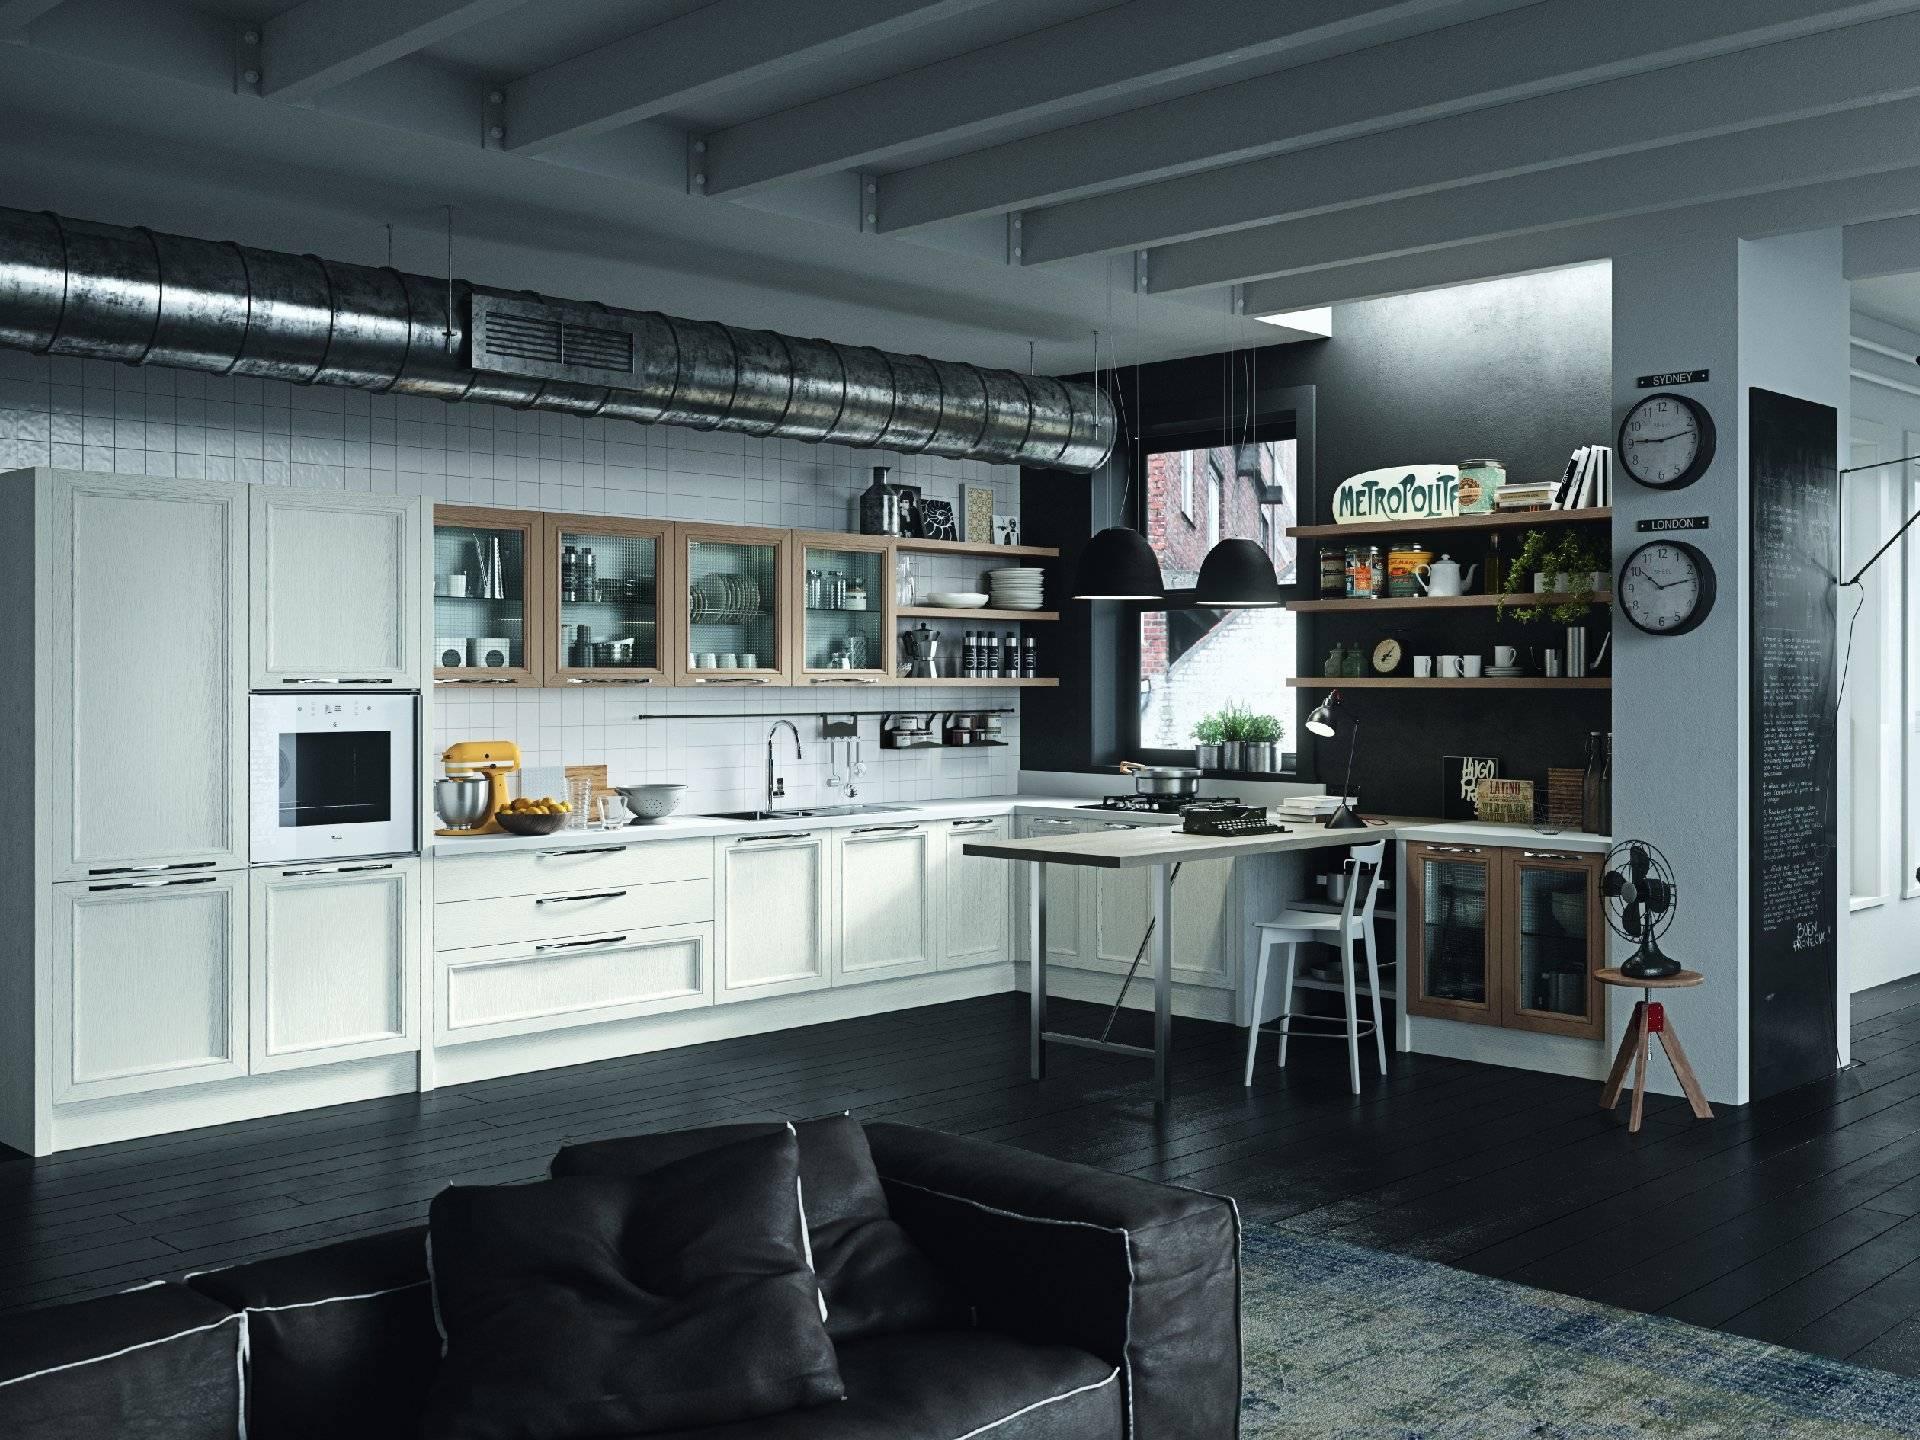 La tua casa in stile industrial centro negri arredamento for Arredamento negri